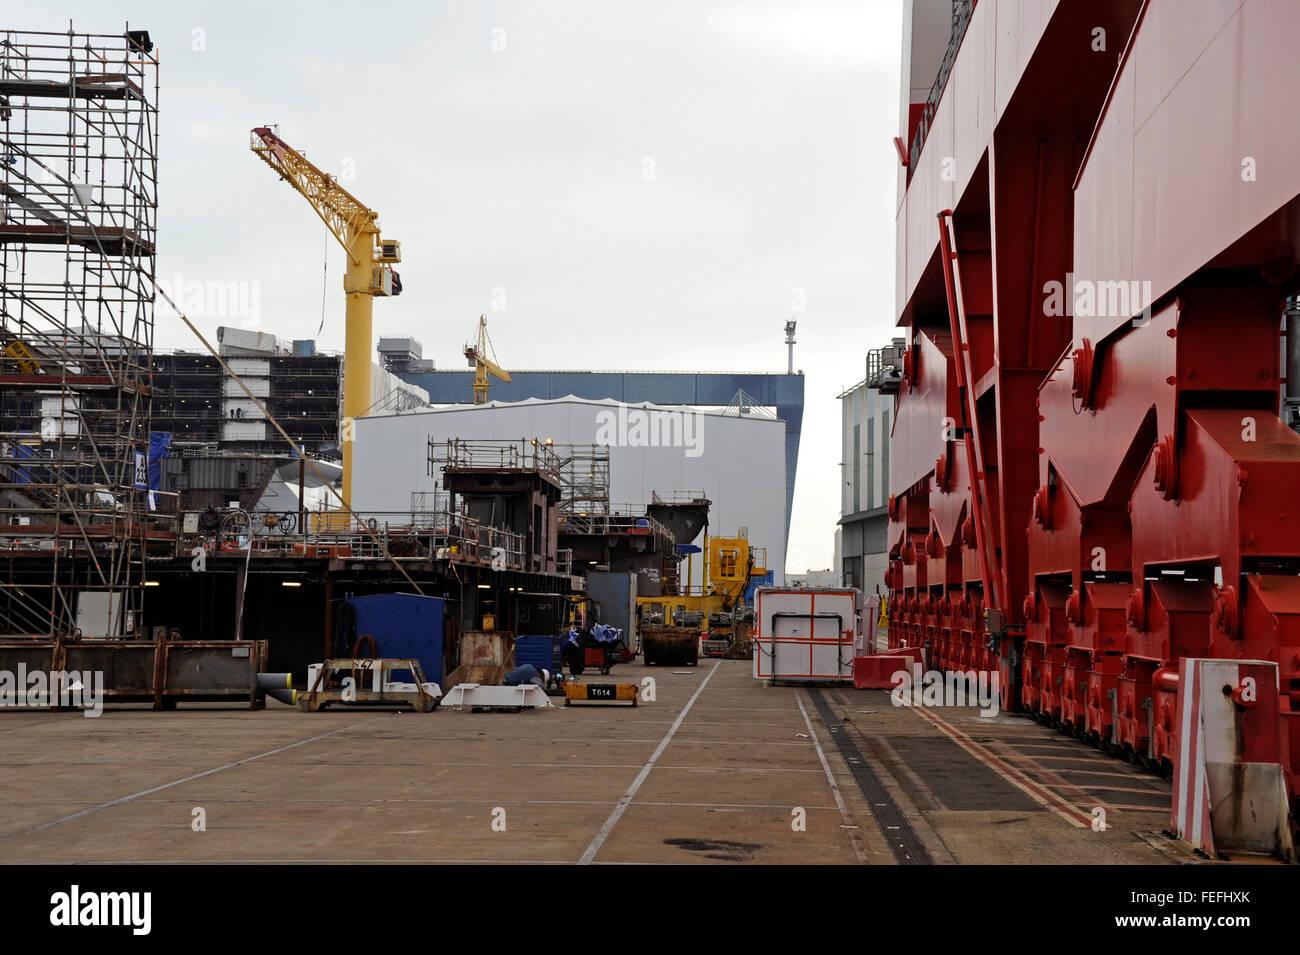 Shipyards of Chantiers de l'Atantique,STX,Saint-Nazaire,Loire-Atlantique,Pays de Loire,France Stock Photo